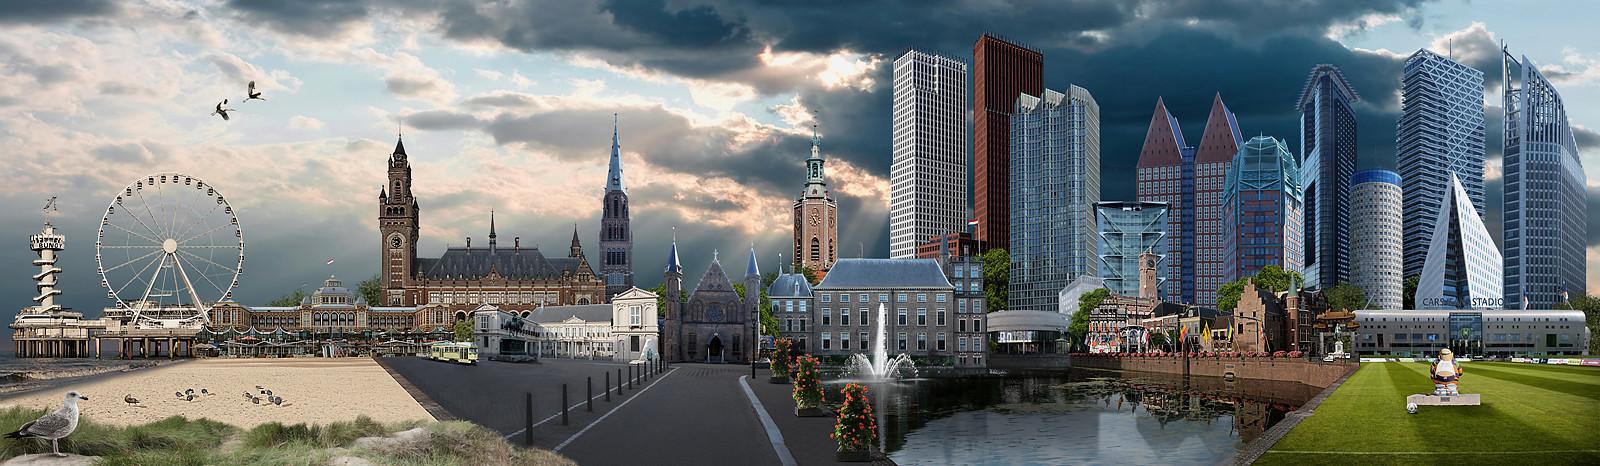 Skyline Den Haag Kleurrijk versie 2